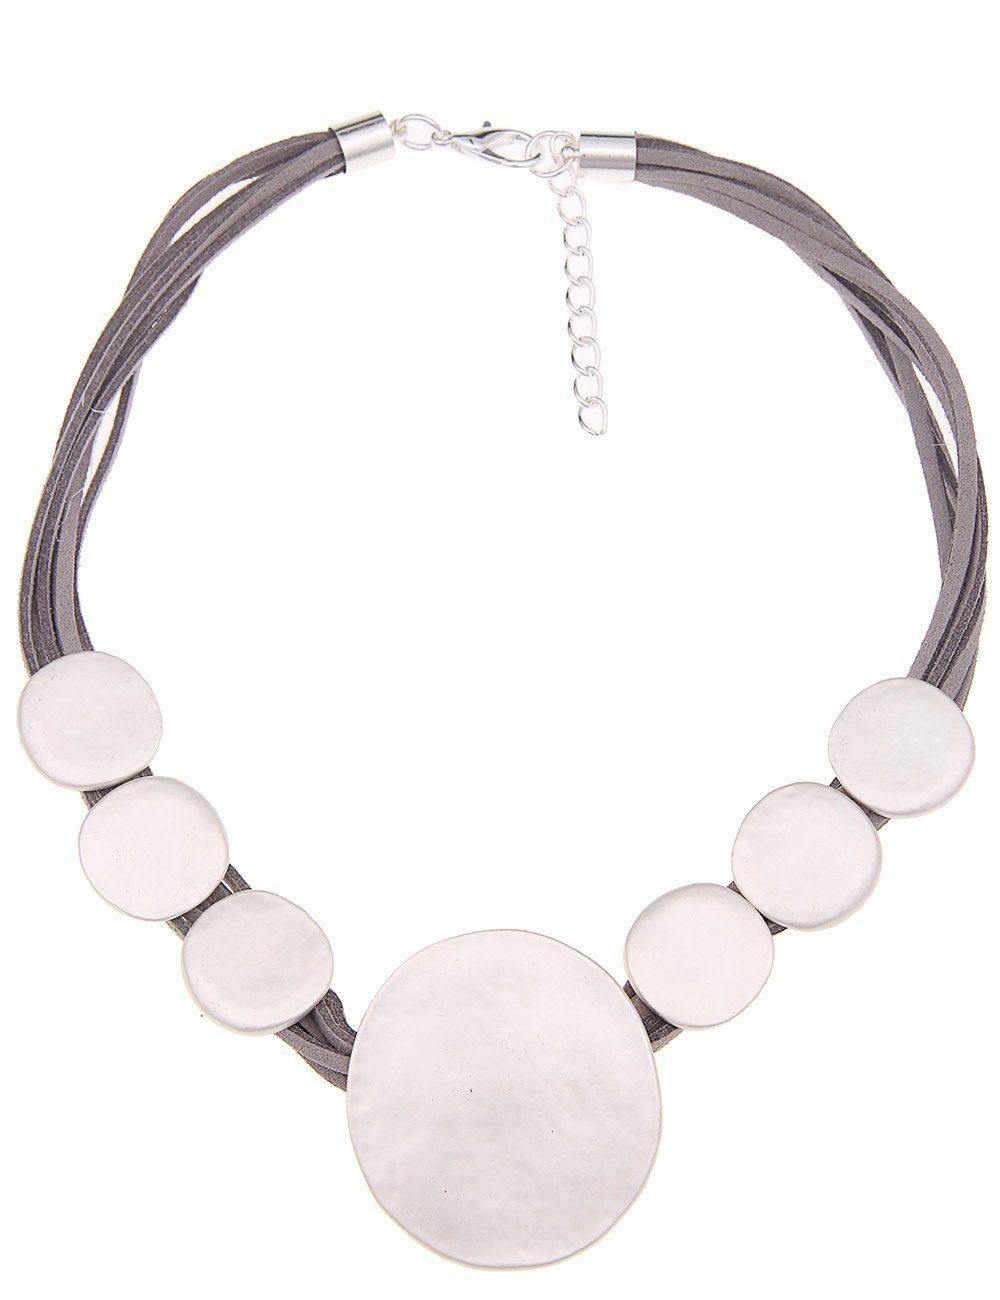 Leslii Halskette mit Scheiben-Anhängern